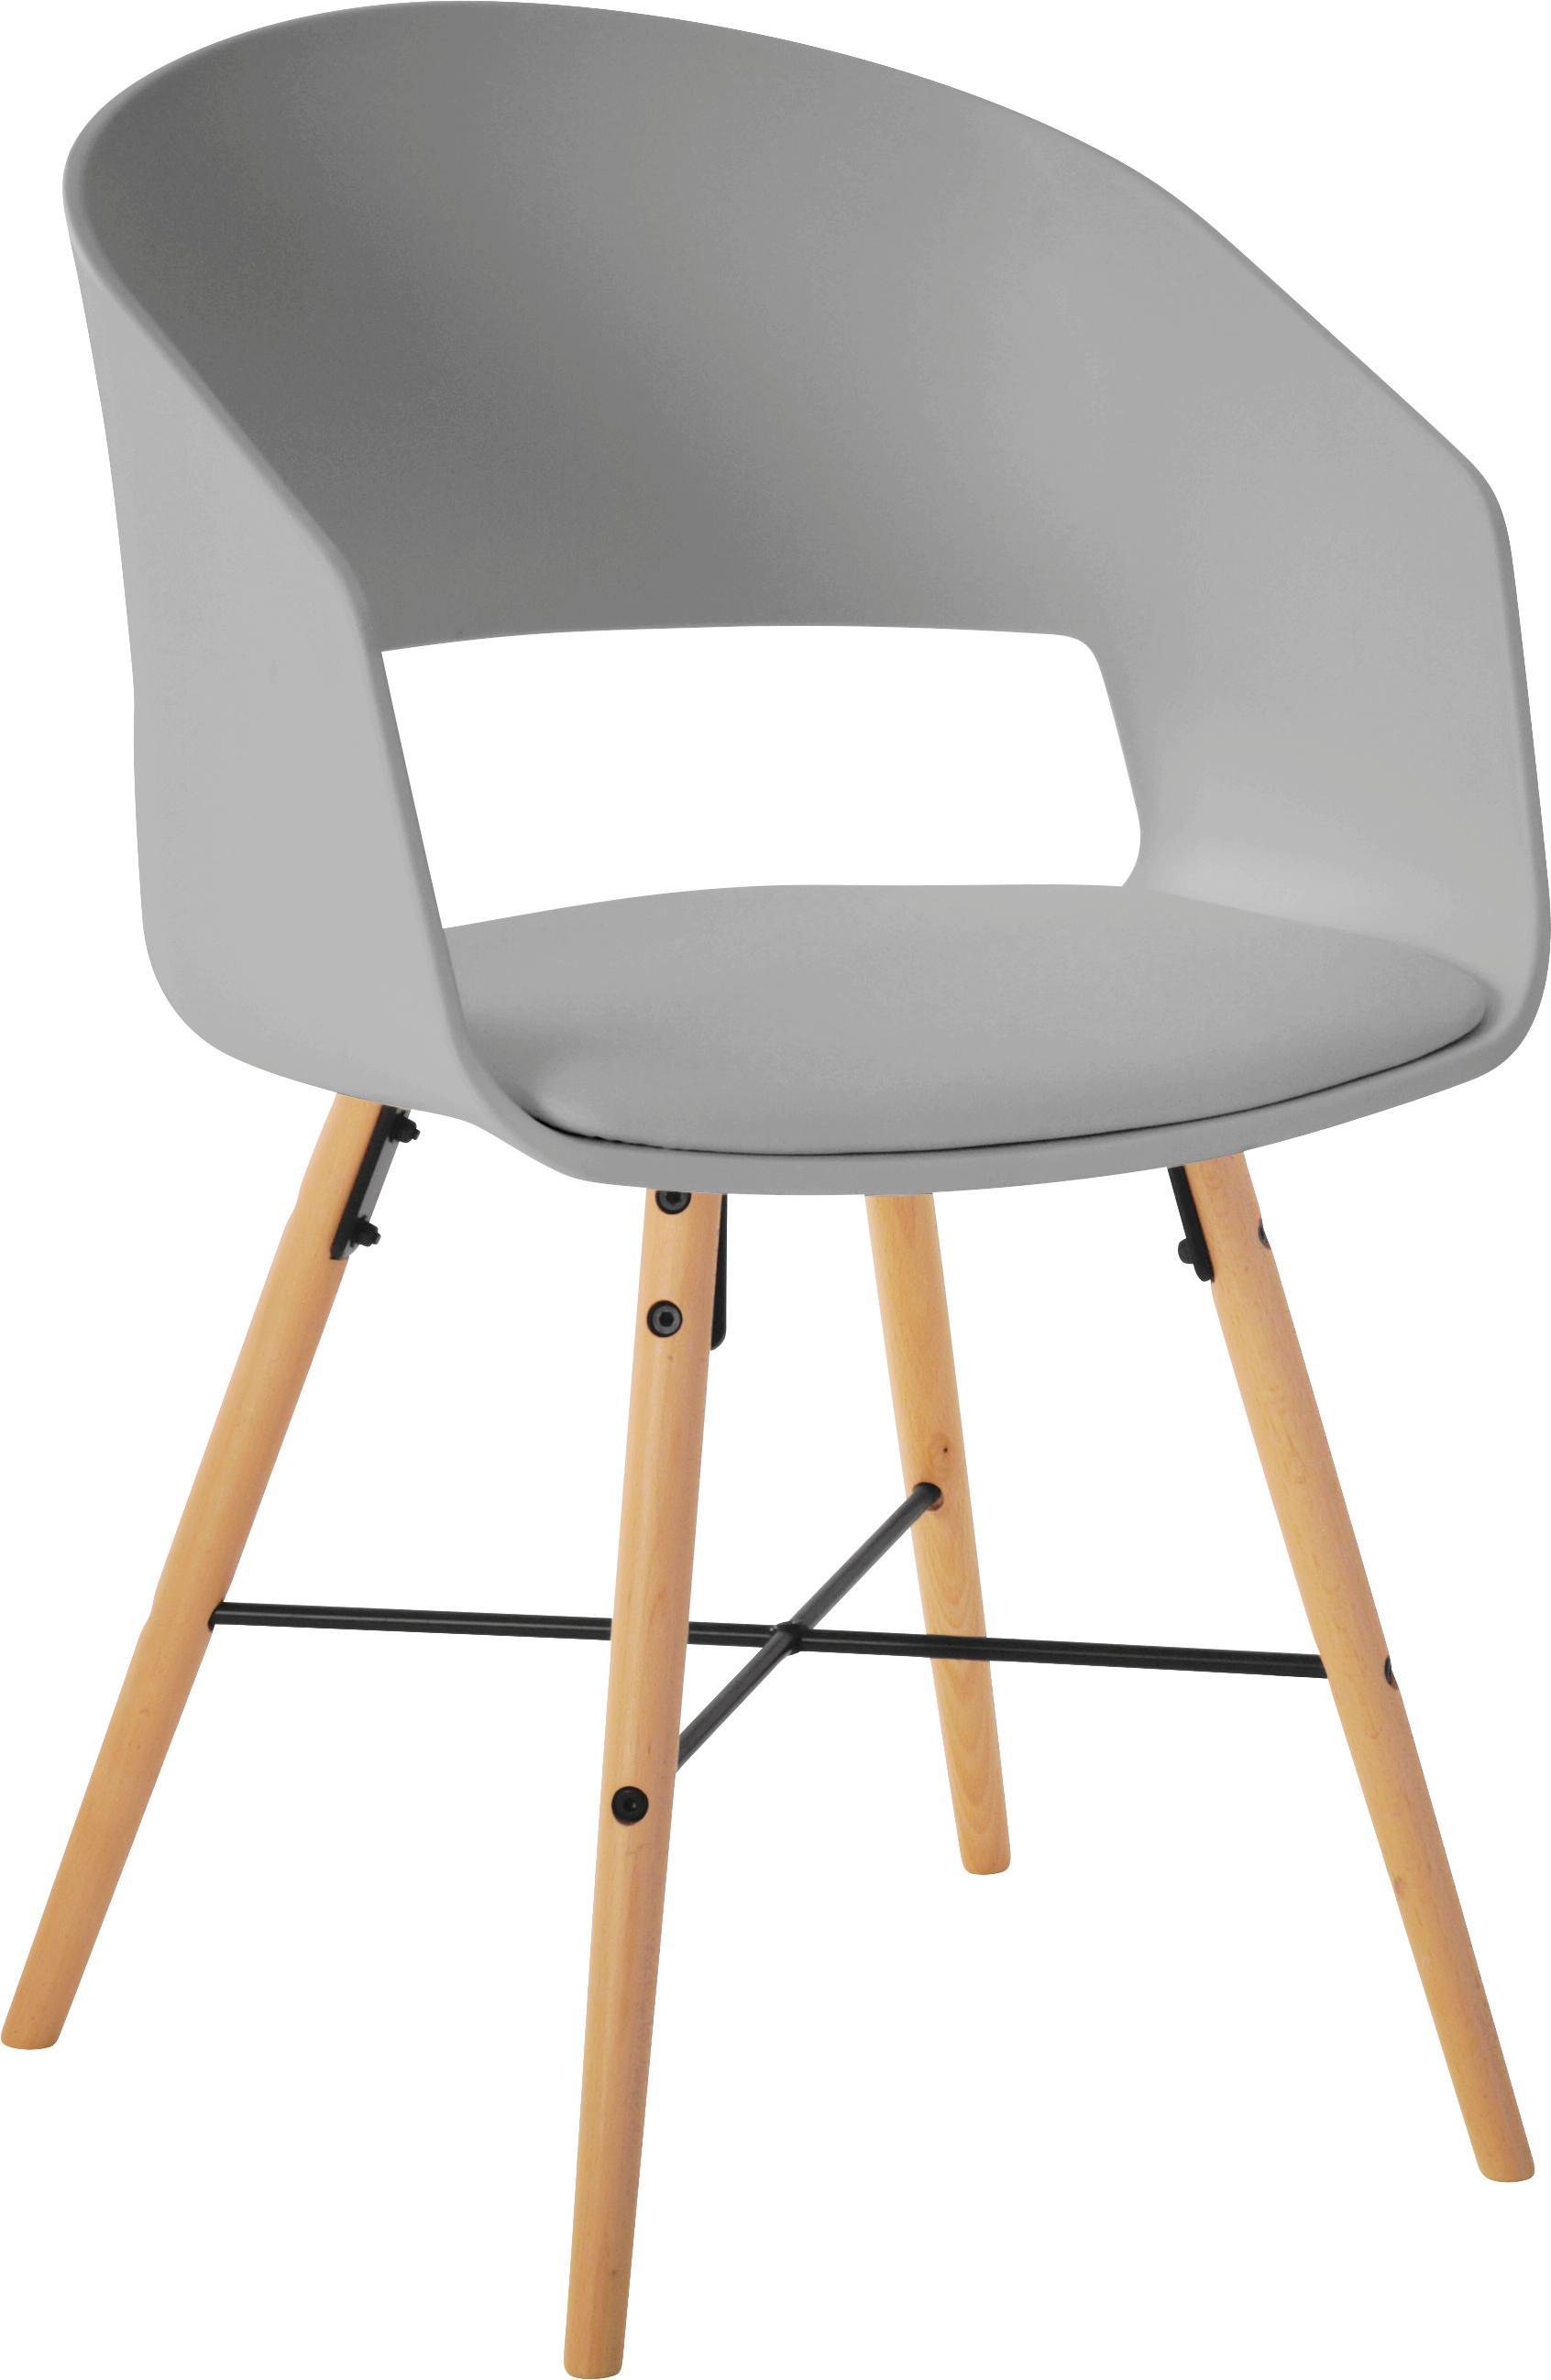 Sedia con braccioli  Luna 2 pz, Gambe: legno di faggio verniciat, Grigio, Larg. 52 x Prof. 52 cm